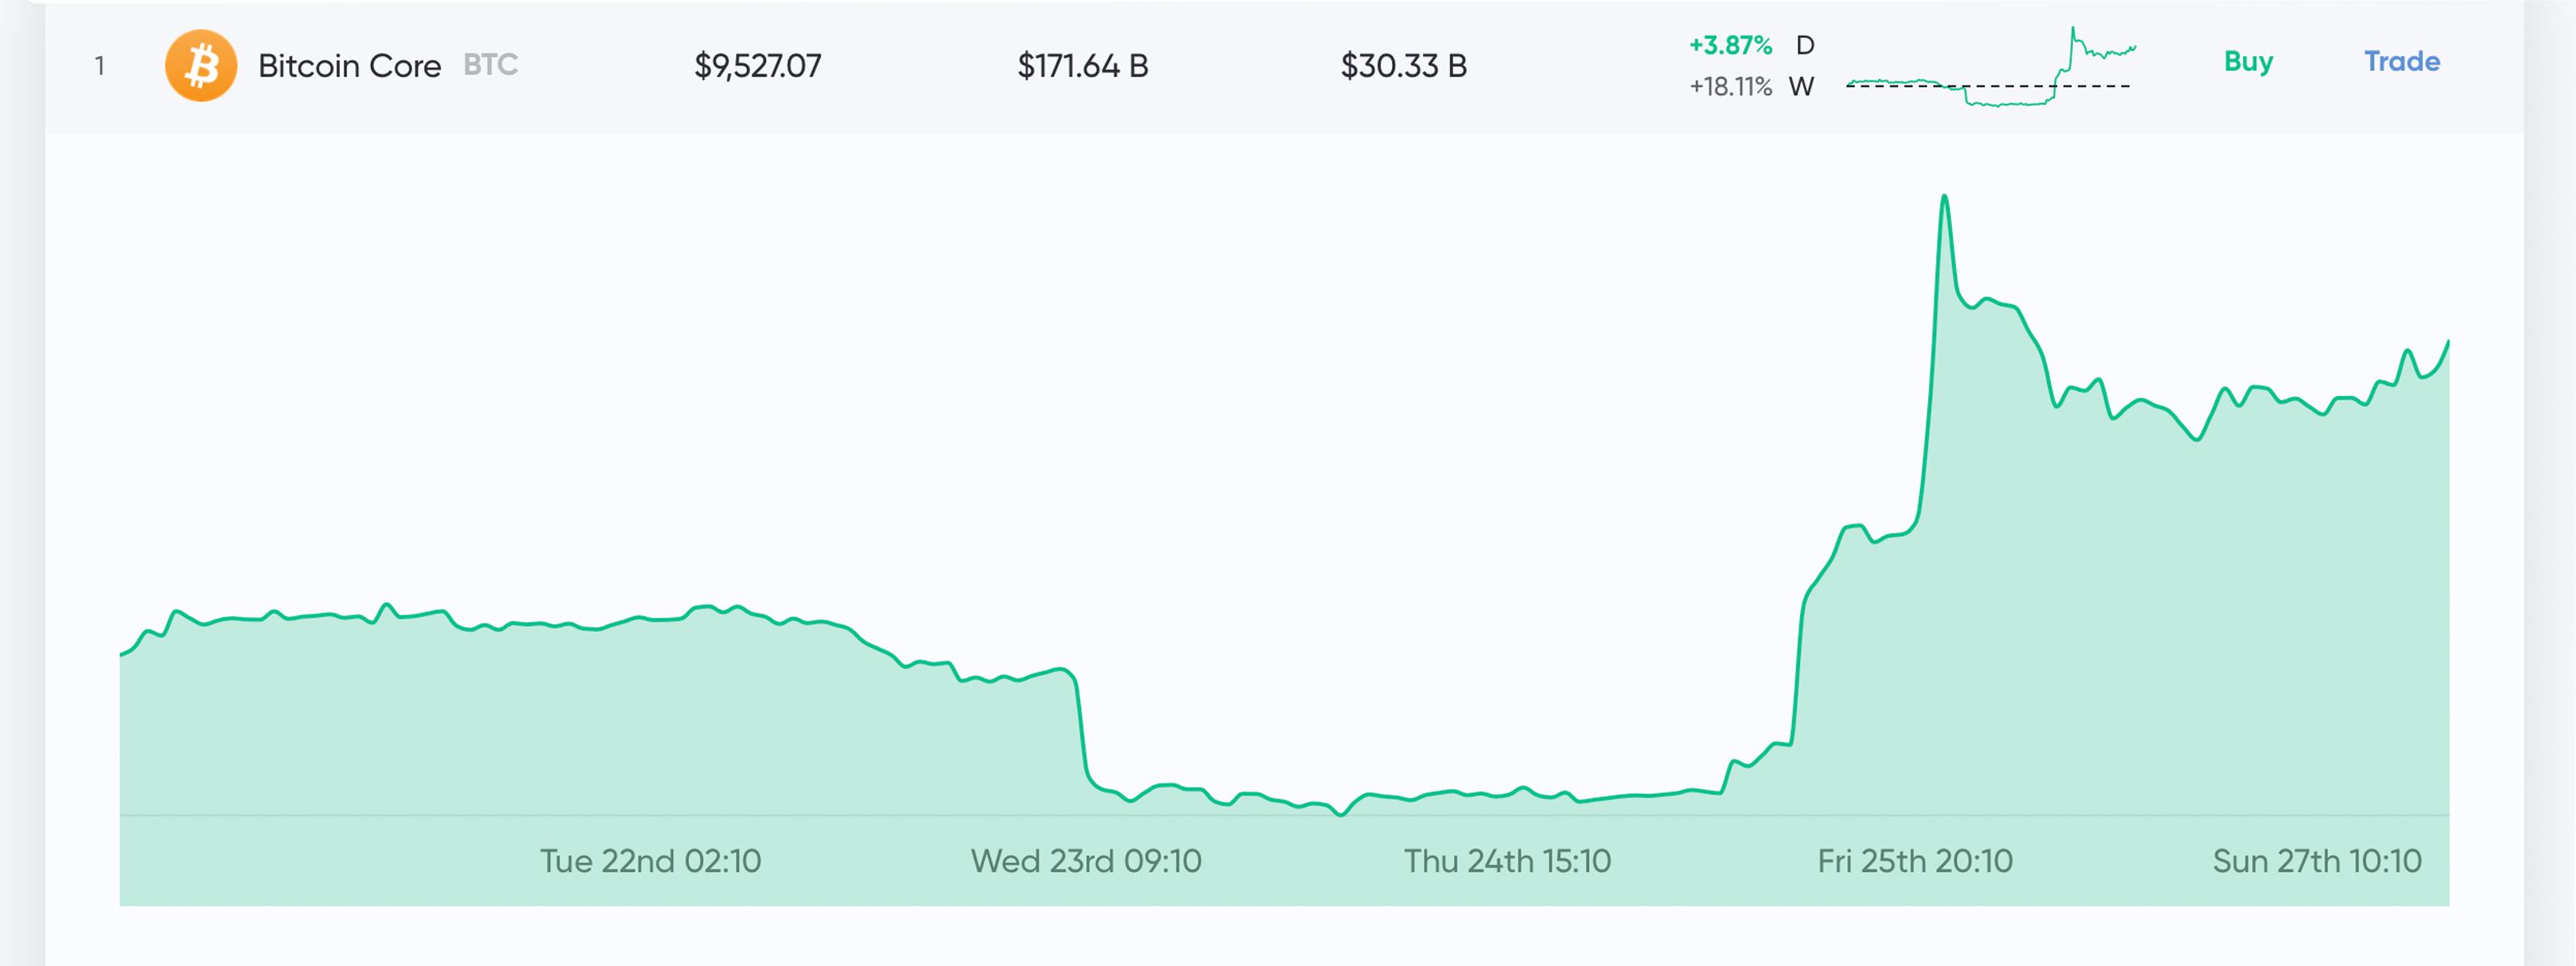 """Actualización del mercado: los precios de las criptomonedas se mantienen estables después del pico alcista masivo"""" width = """"3200"""" height = """"1200"""" srcset = """"https://news.bitcoin.com/wp-content/ uploads / 2019/10 / btc-3.jpg 3200w, https://news.bitcoin.com/wp-content/uploads/2019/10/btc-3-300x113.jpg 300w, https: //news.bitcoin. com / wp-content / uploads / 2019/10 / btc-3-768x288.jpg 768w, https://news.bitcoin.com/wp-content/uploads/2019/10/btc-3-1024x384.jpg 1024w, https://news.bitcoin.com/wp-content/uploads/2019/10/btc-3-696x261.jpg 696w, https://news.bitcoin.com/wp-content/uploads/2019/10/btc -3-1392x522.jpg 1392w, https://news.bitcoin.com/wp-content/uploads/2019/10/btc-3-1068x401.jpg 1068w, https: //news.bitco in.com/wp-content/uploads/2019/10/btc-3-1120x420.jpg 1120w """"tamaños ="""" (ancho máximo: 3200px) 100vw, 3200px"""